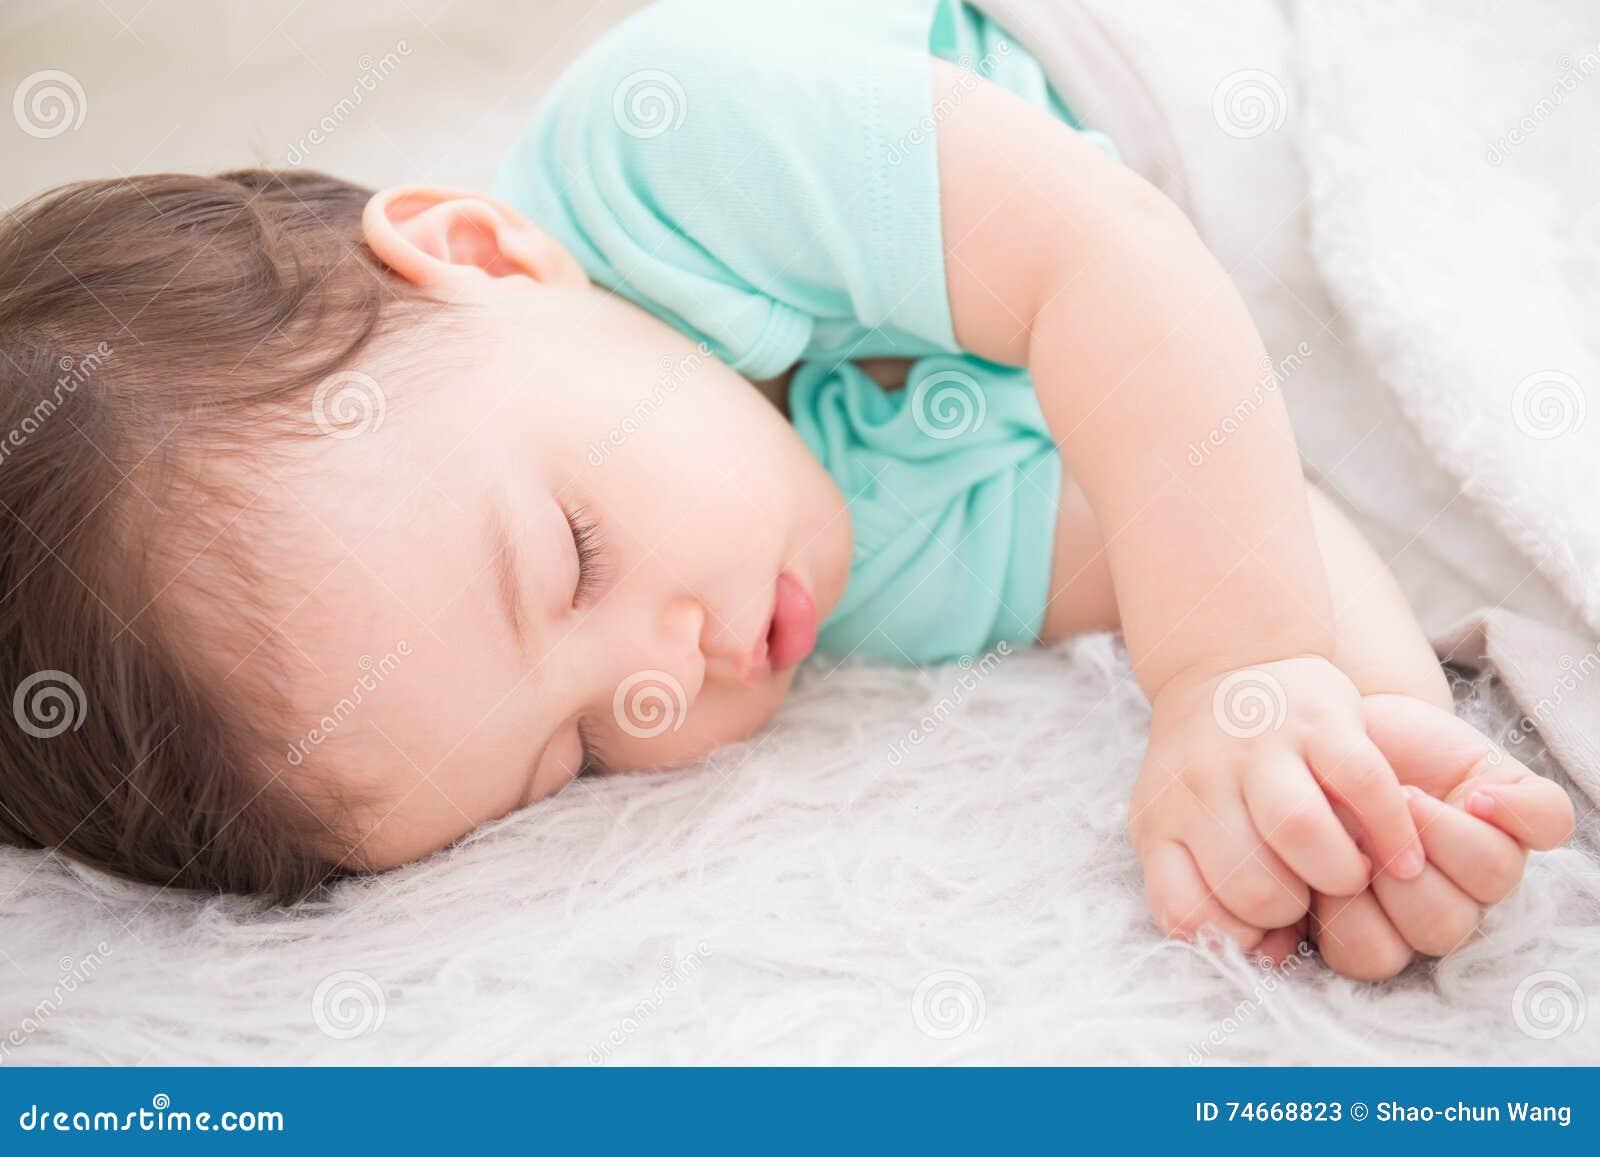 Sueño del bebé en la cama